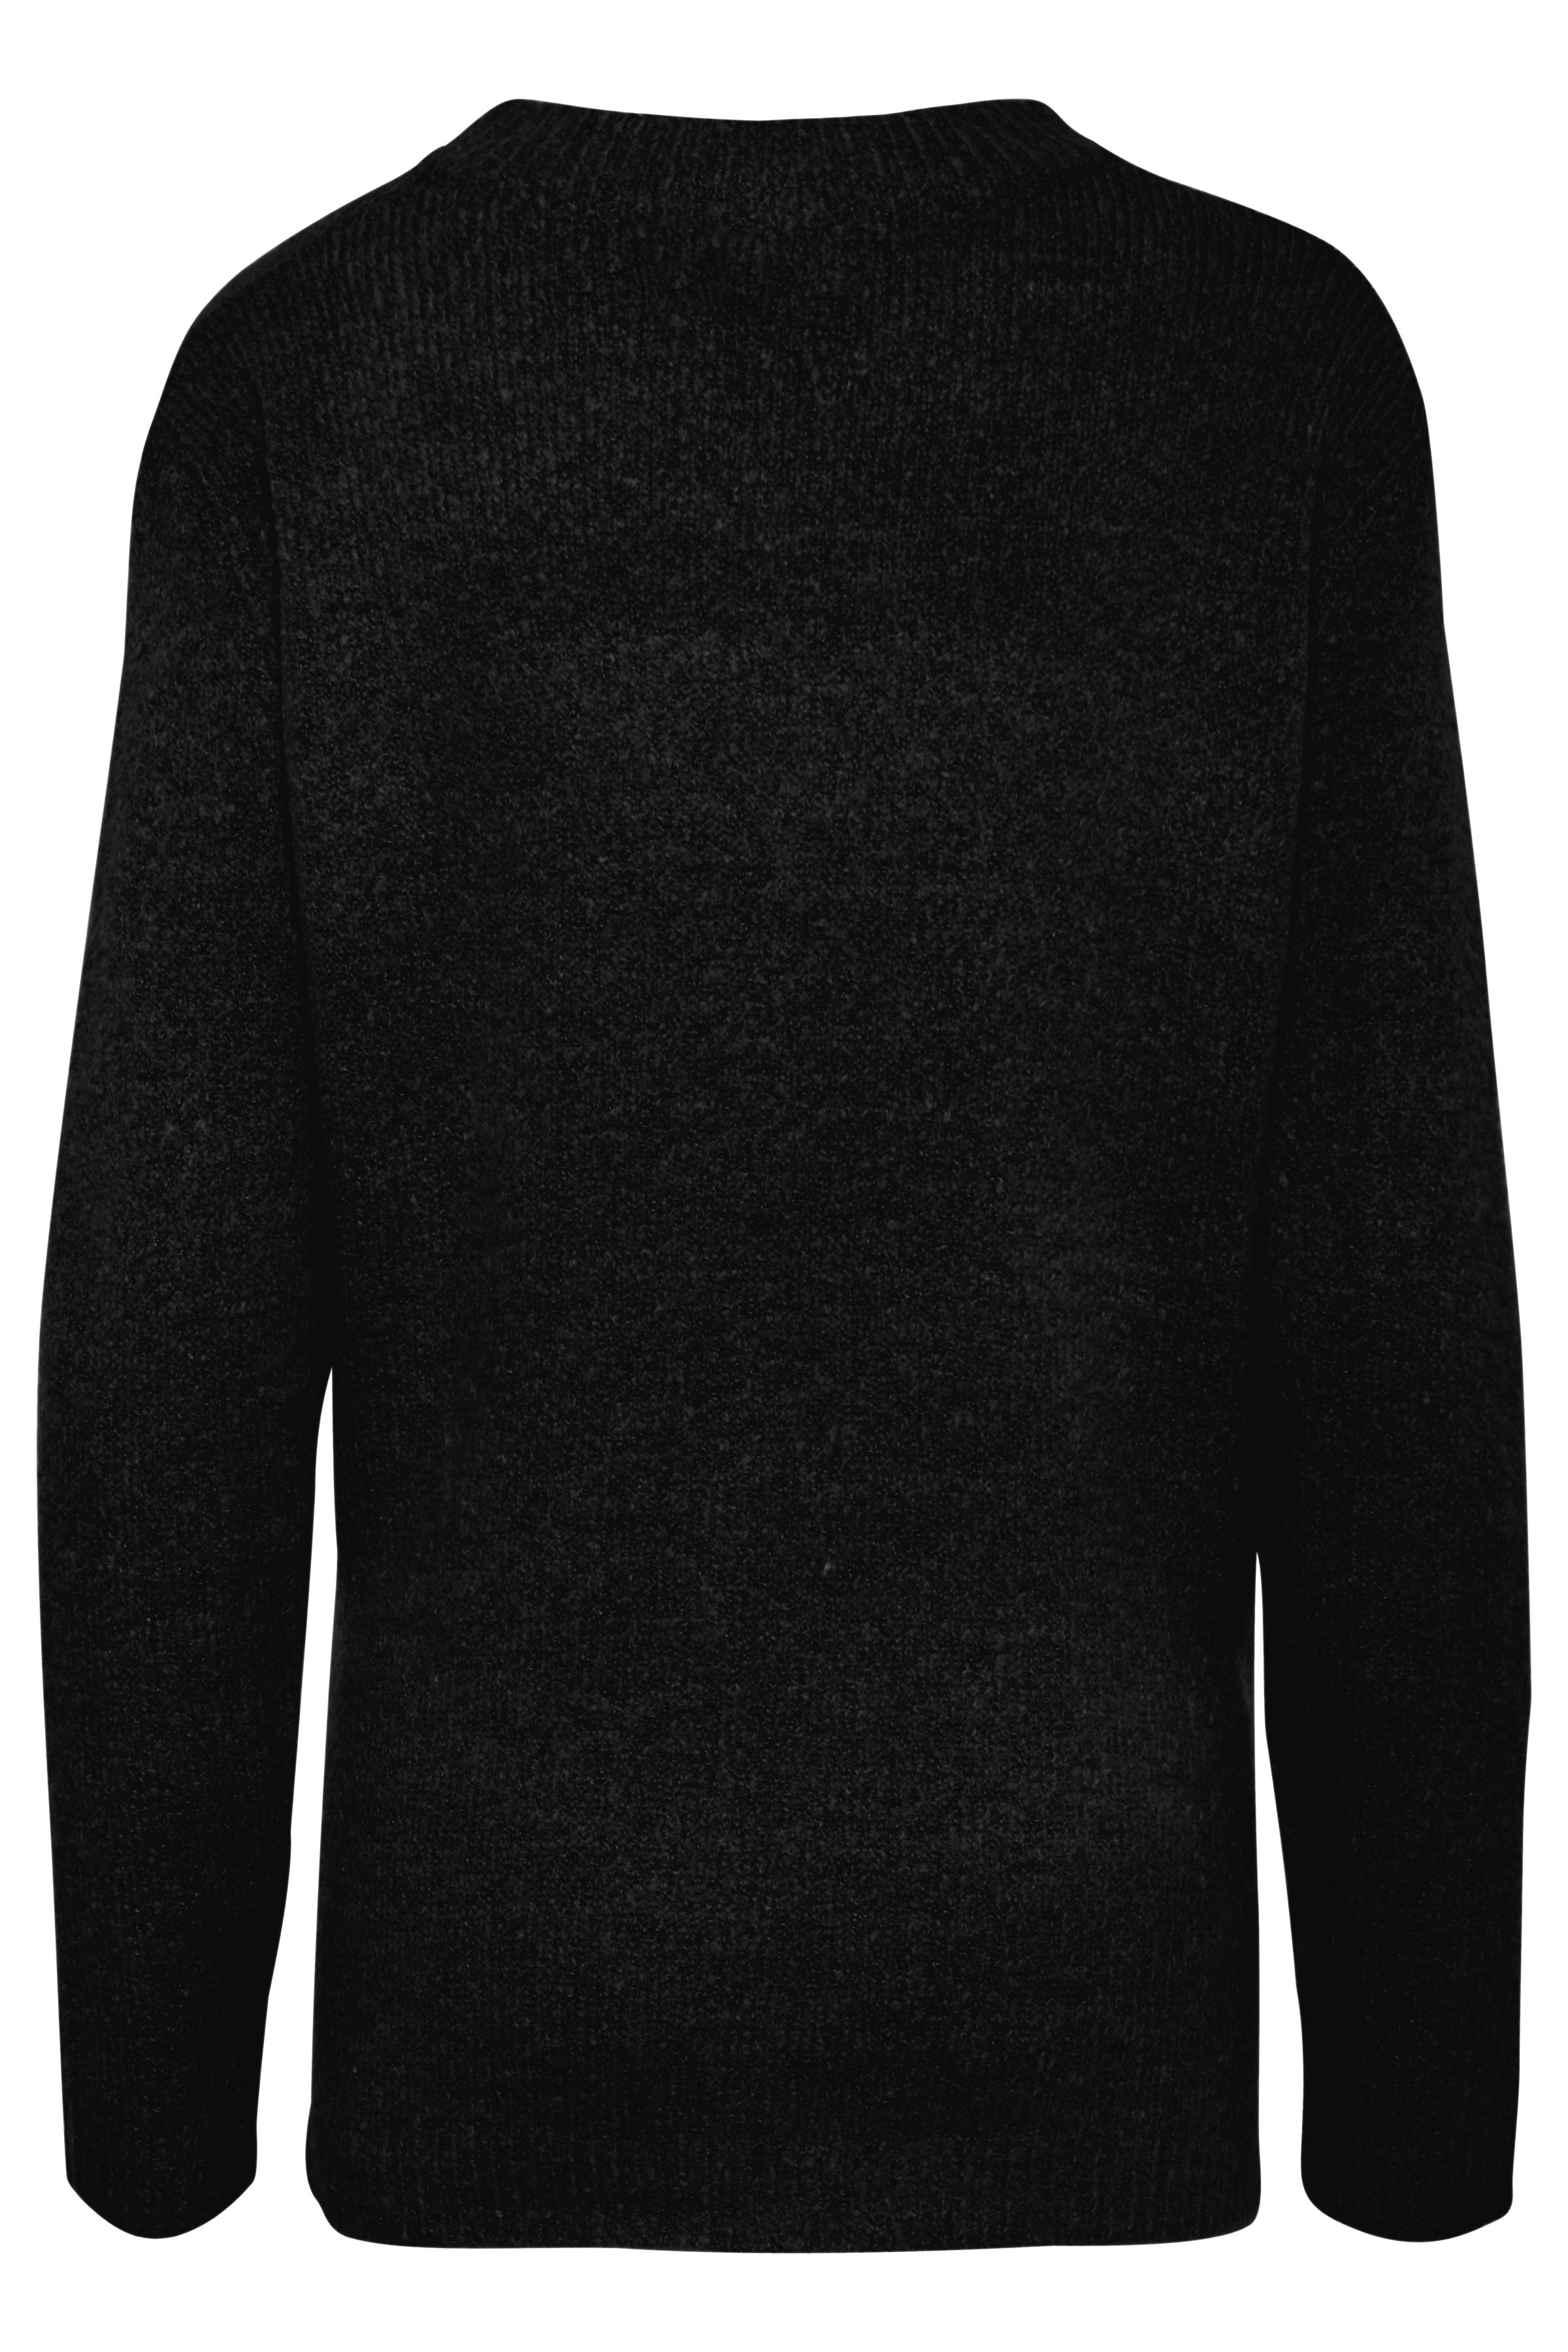 Marinblå melerad Stickad pullover från b.young – Köp Marinblå melerad Stickad pullover från stl. XS-XXL här